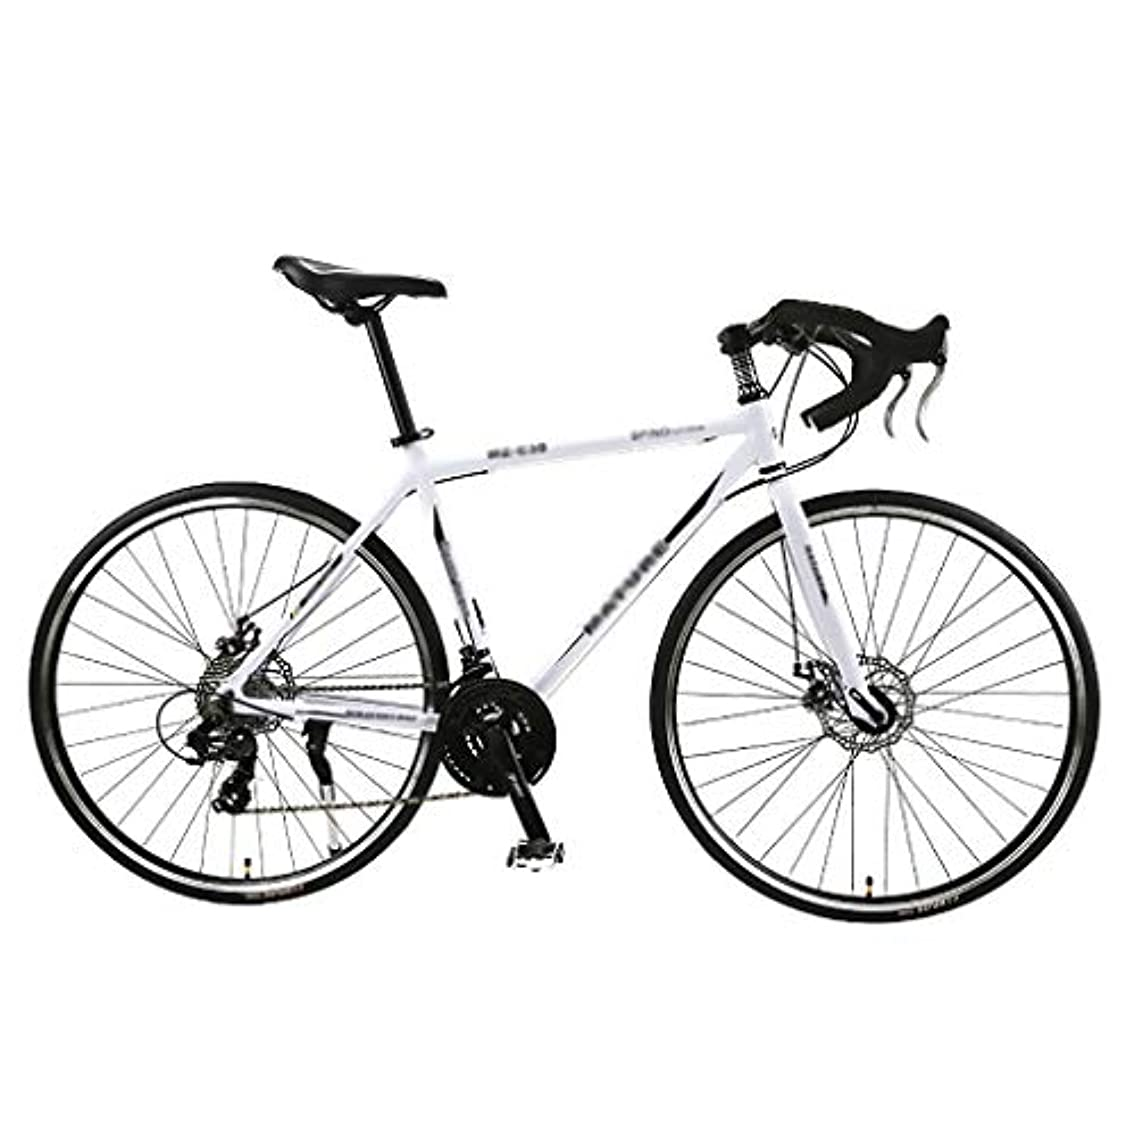 欺く外国人インストールロードバイク26インチ21スピード700Cホイールレーシング自転車デュアルディスクブレーキエクササイズバイクライトアルミフレームファッションロード自転車